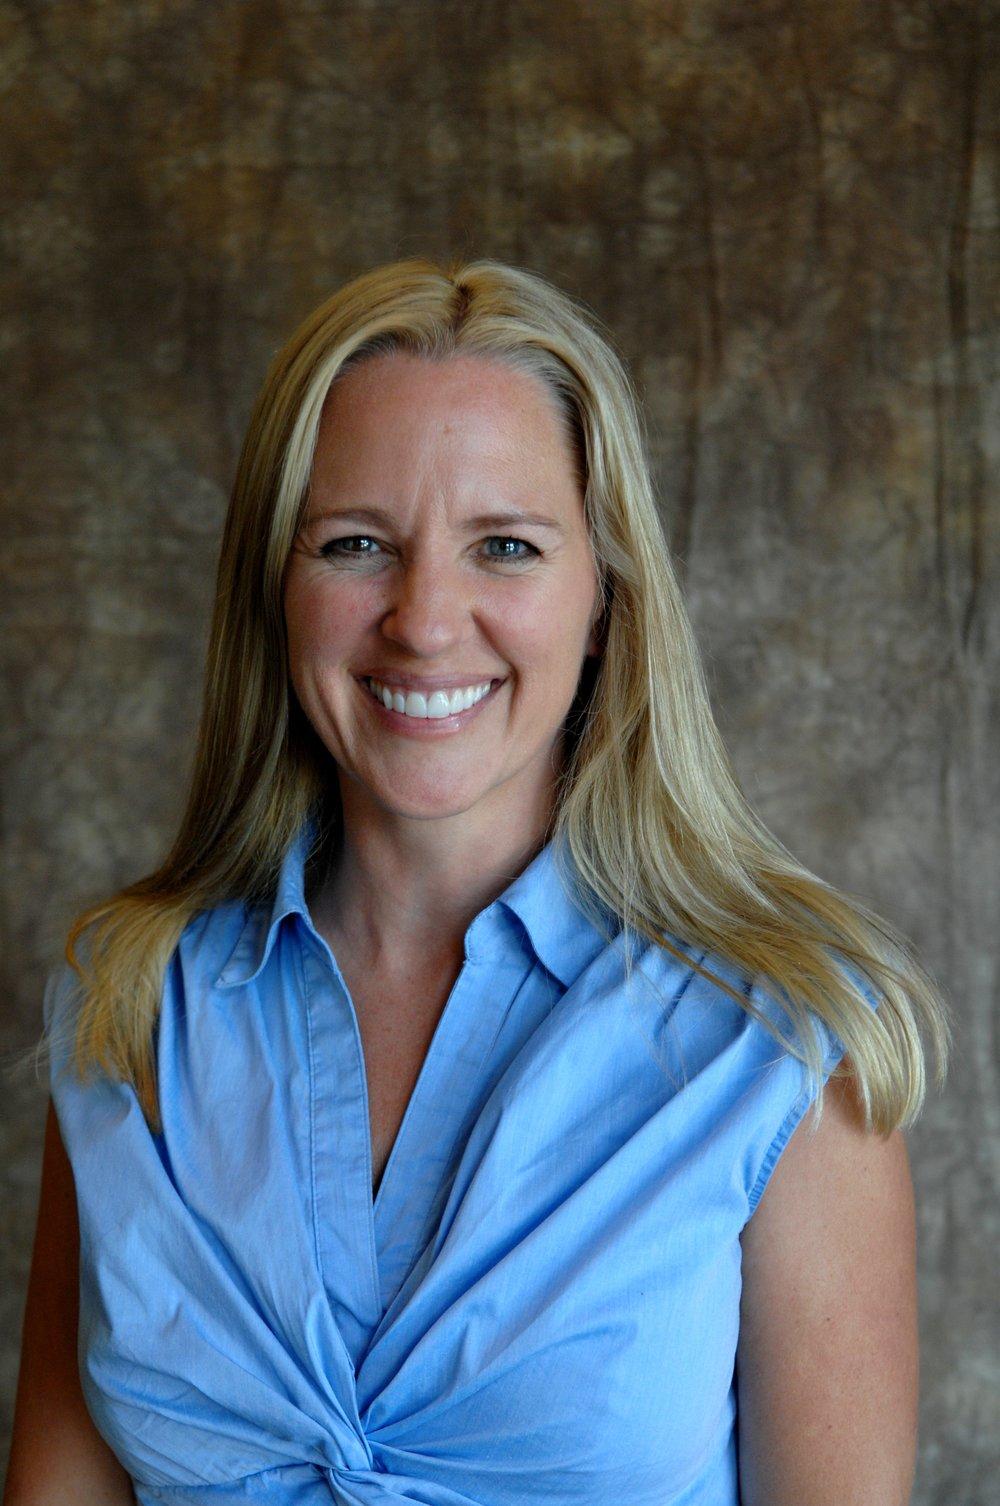 Kristi Moss